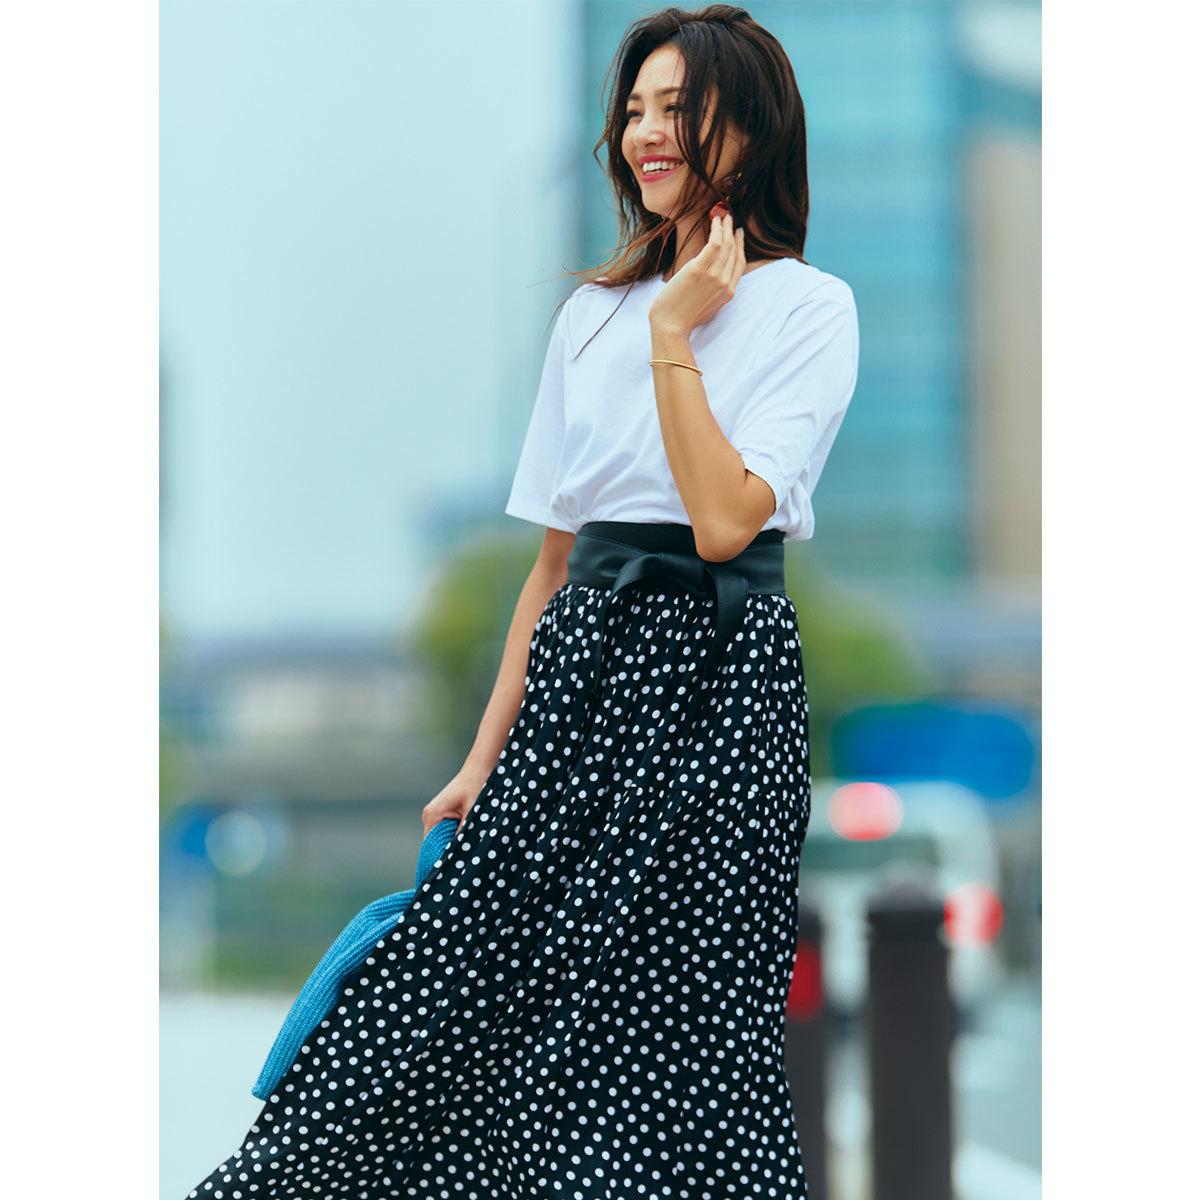 白Tシャツ×黒のドット柄スカートでモノトーンコーデ